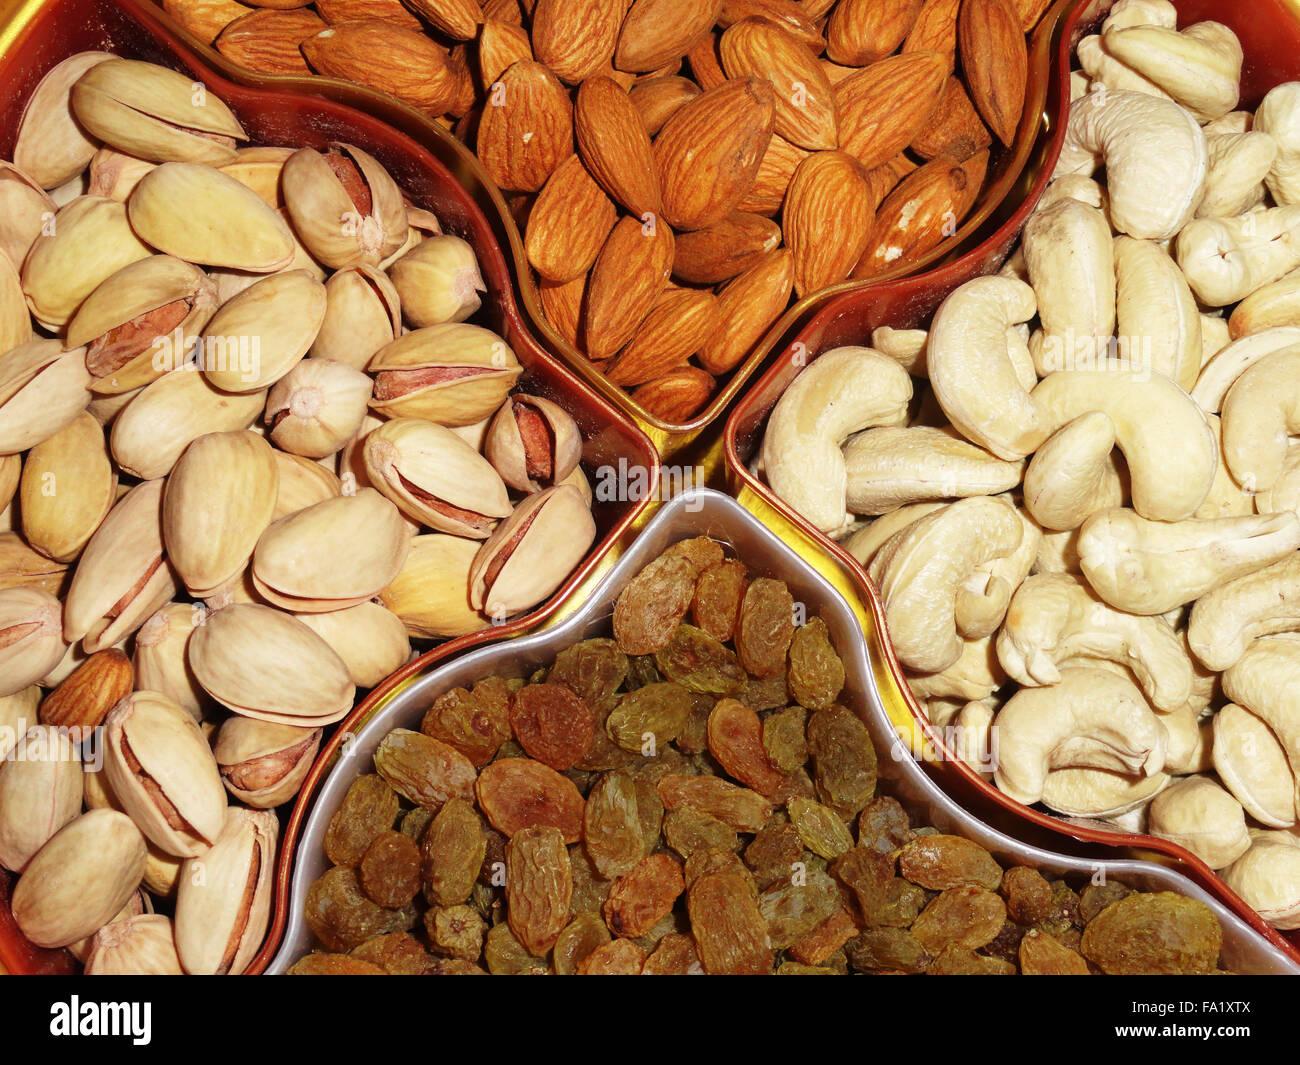 Délicieux mélange sain des fruits secs, pistaches et noix de cajou Photo Stock